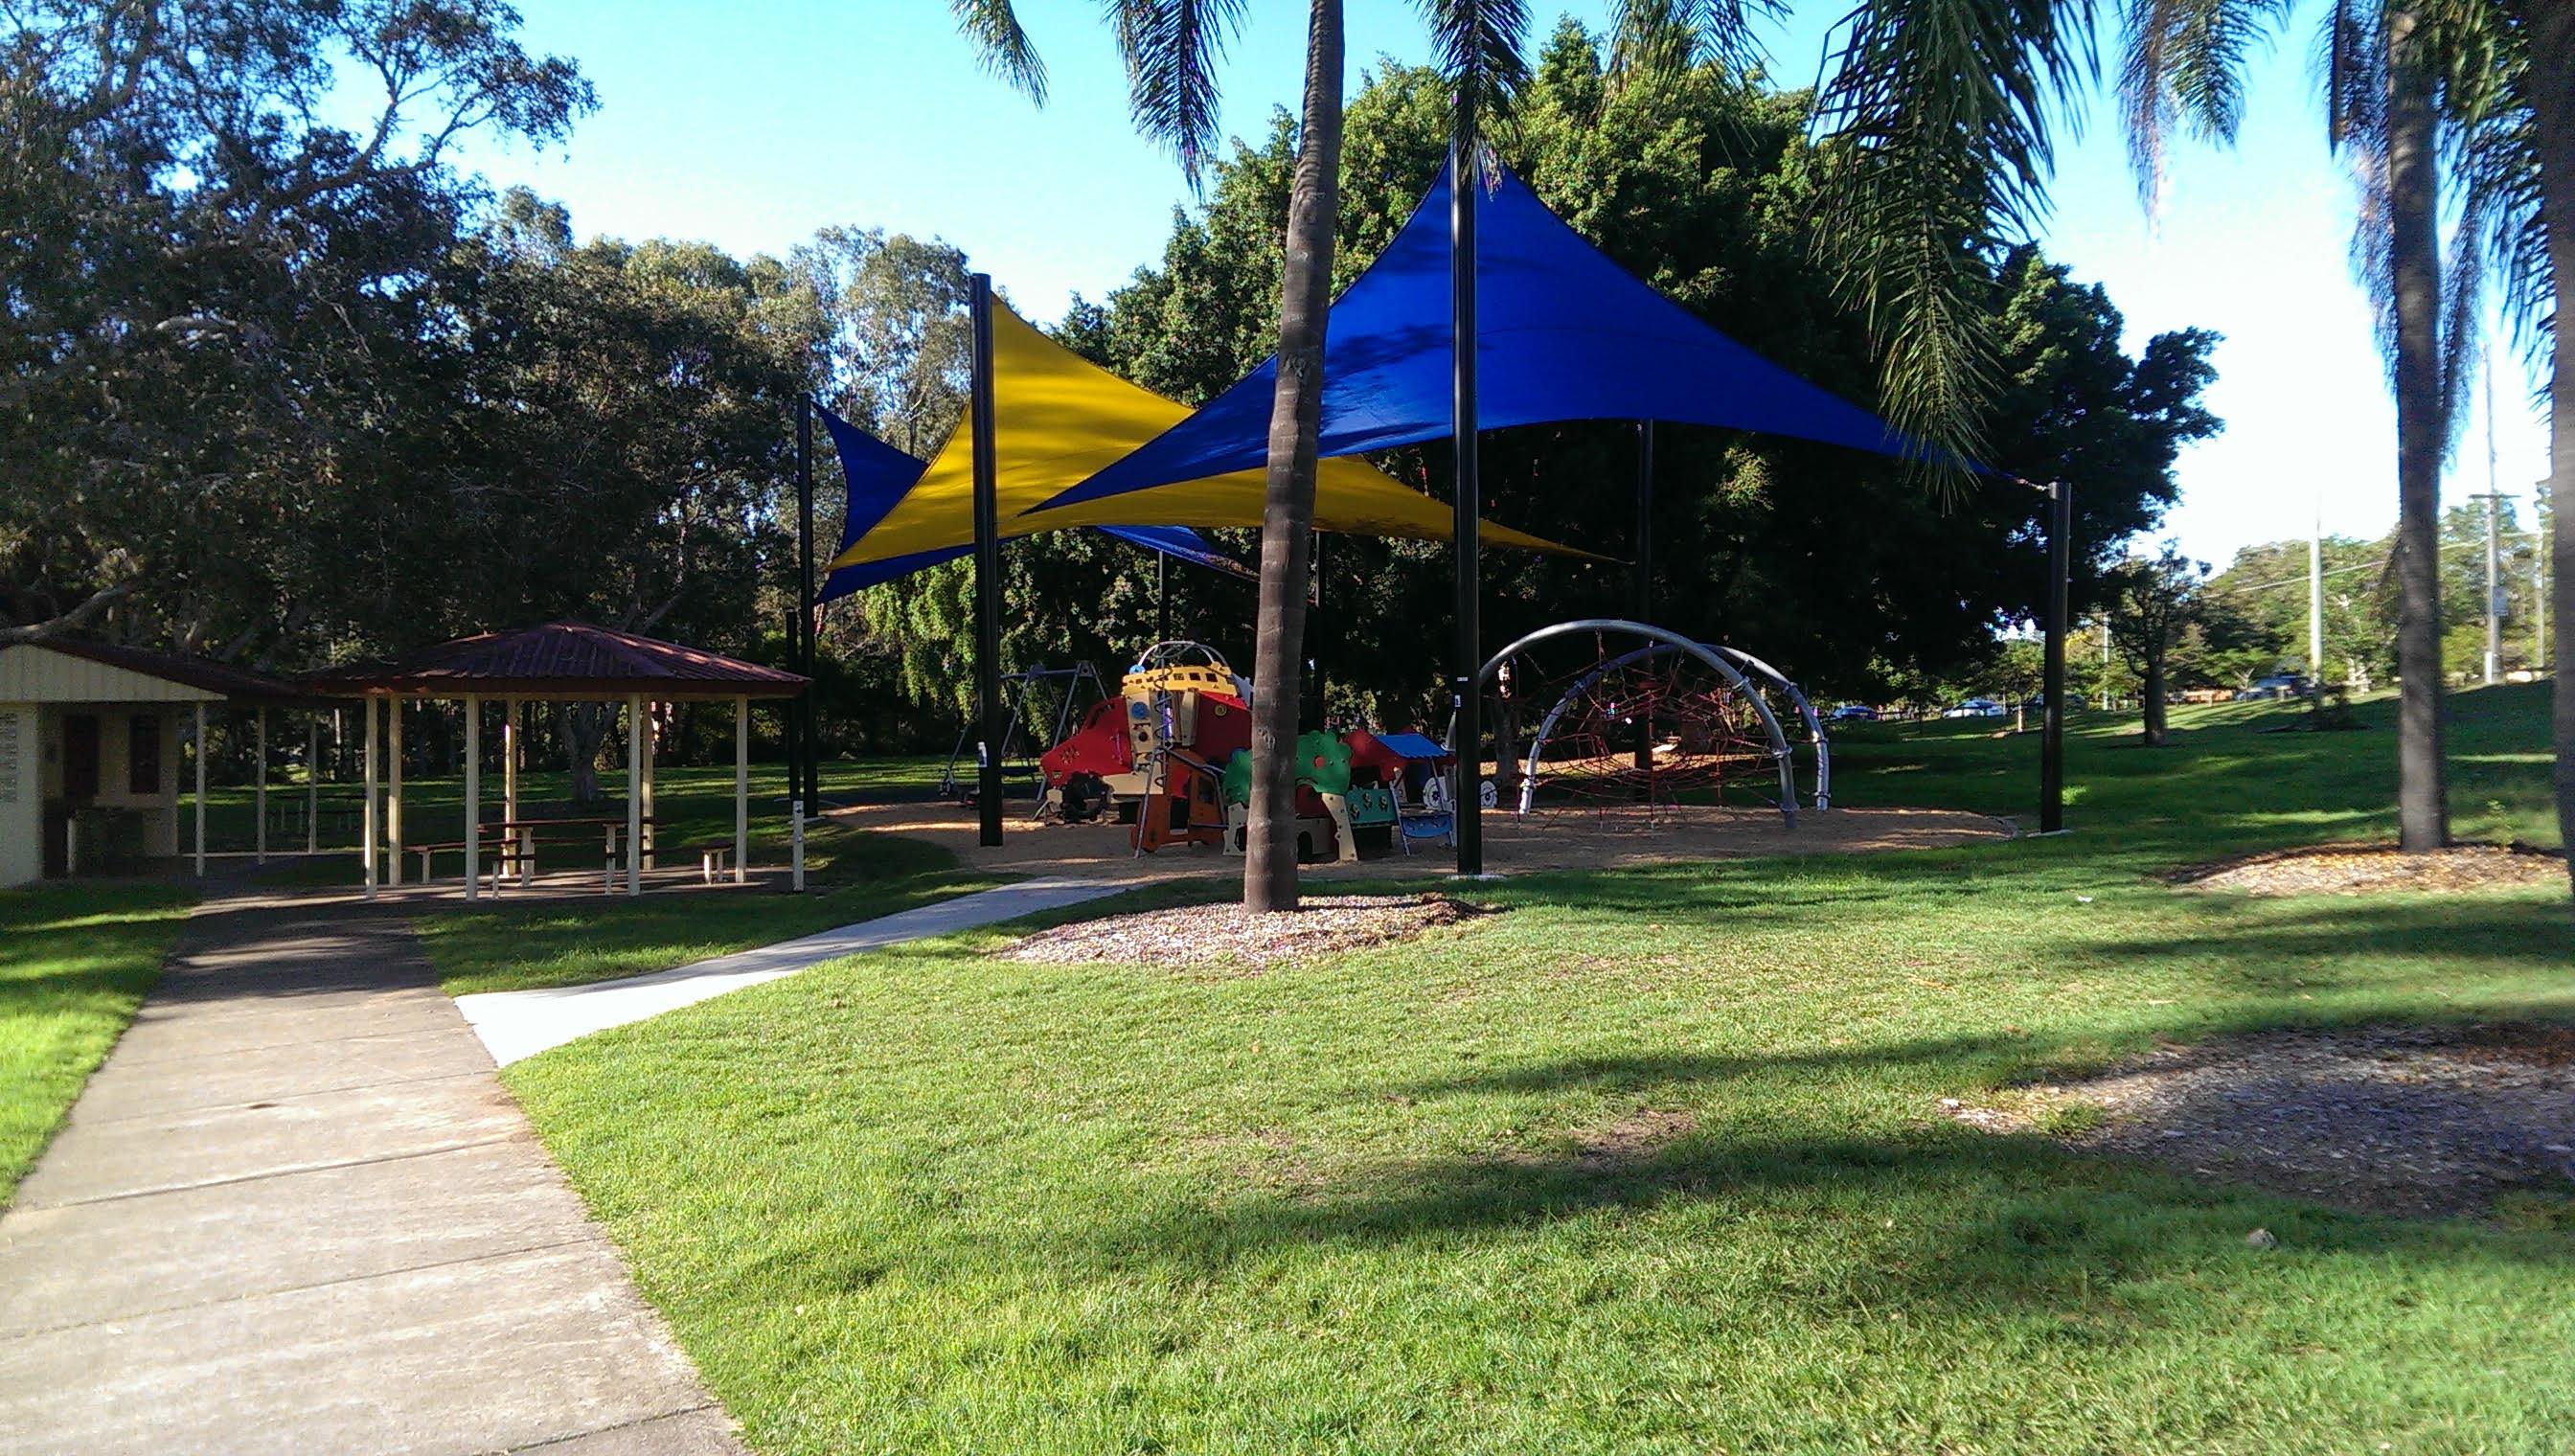 Bicentennial Park - 16 điểm dã ngoại tuyệt nhất xung quanh Sydney